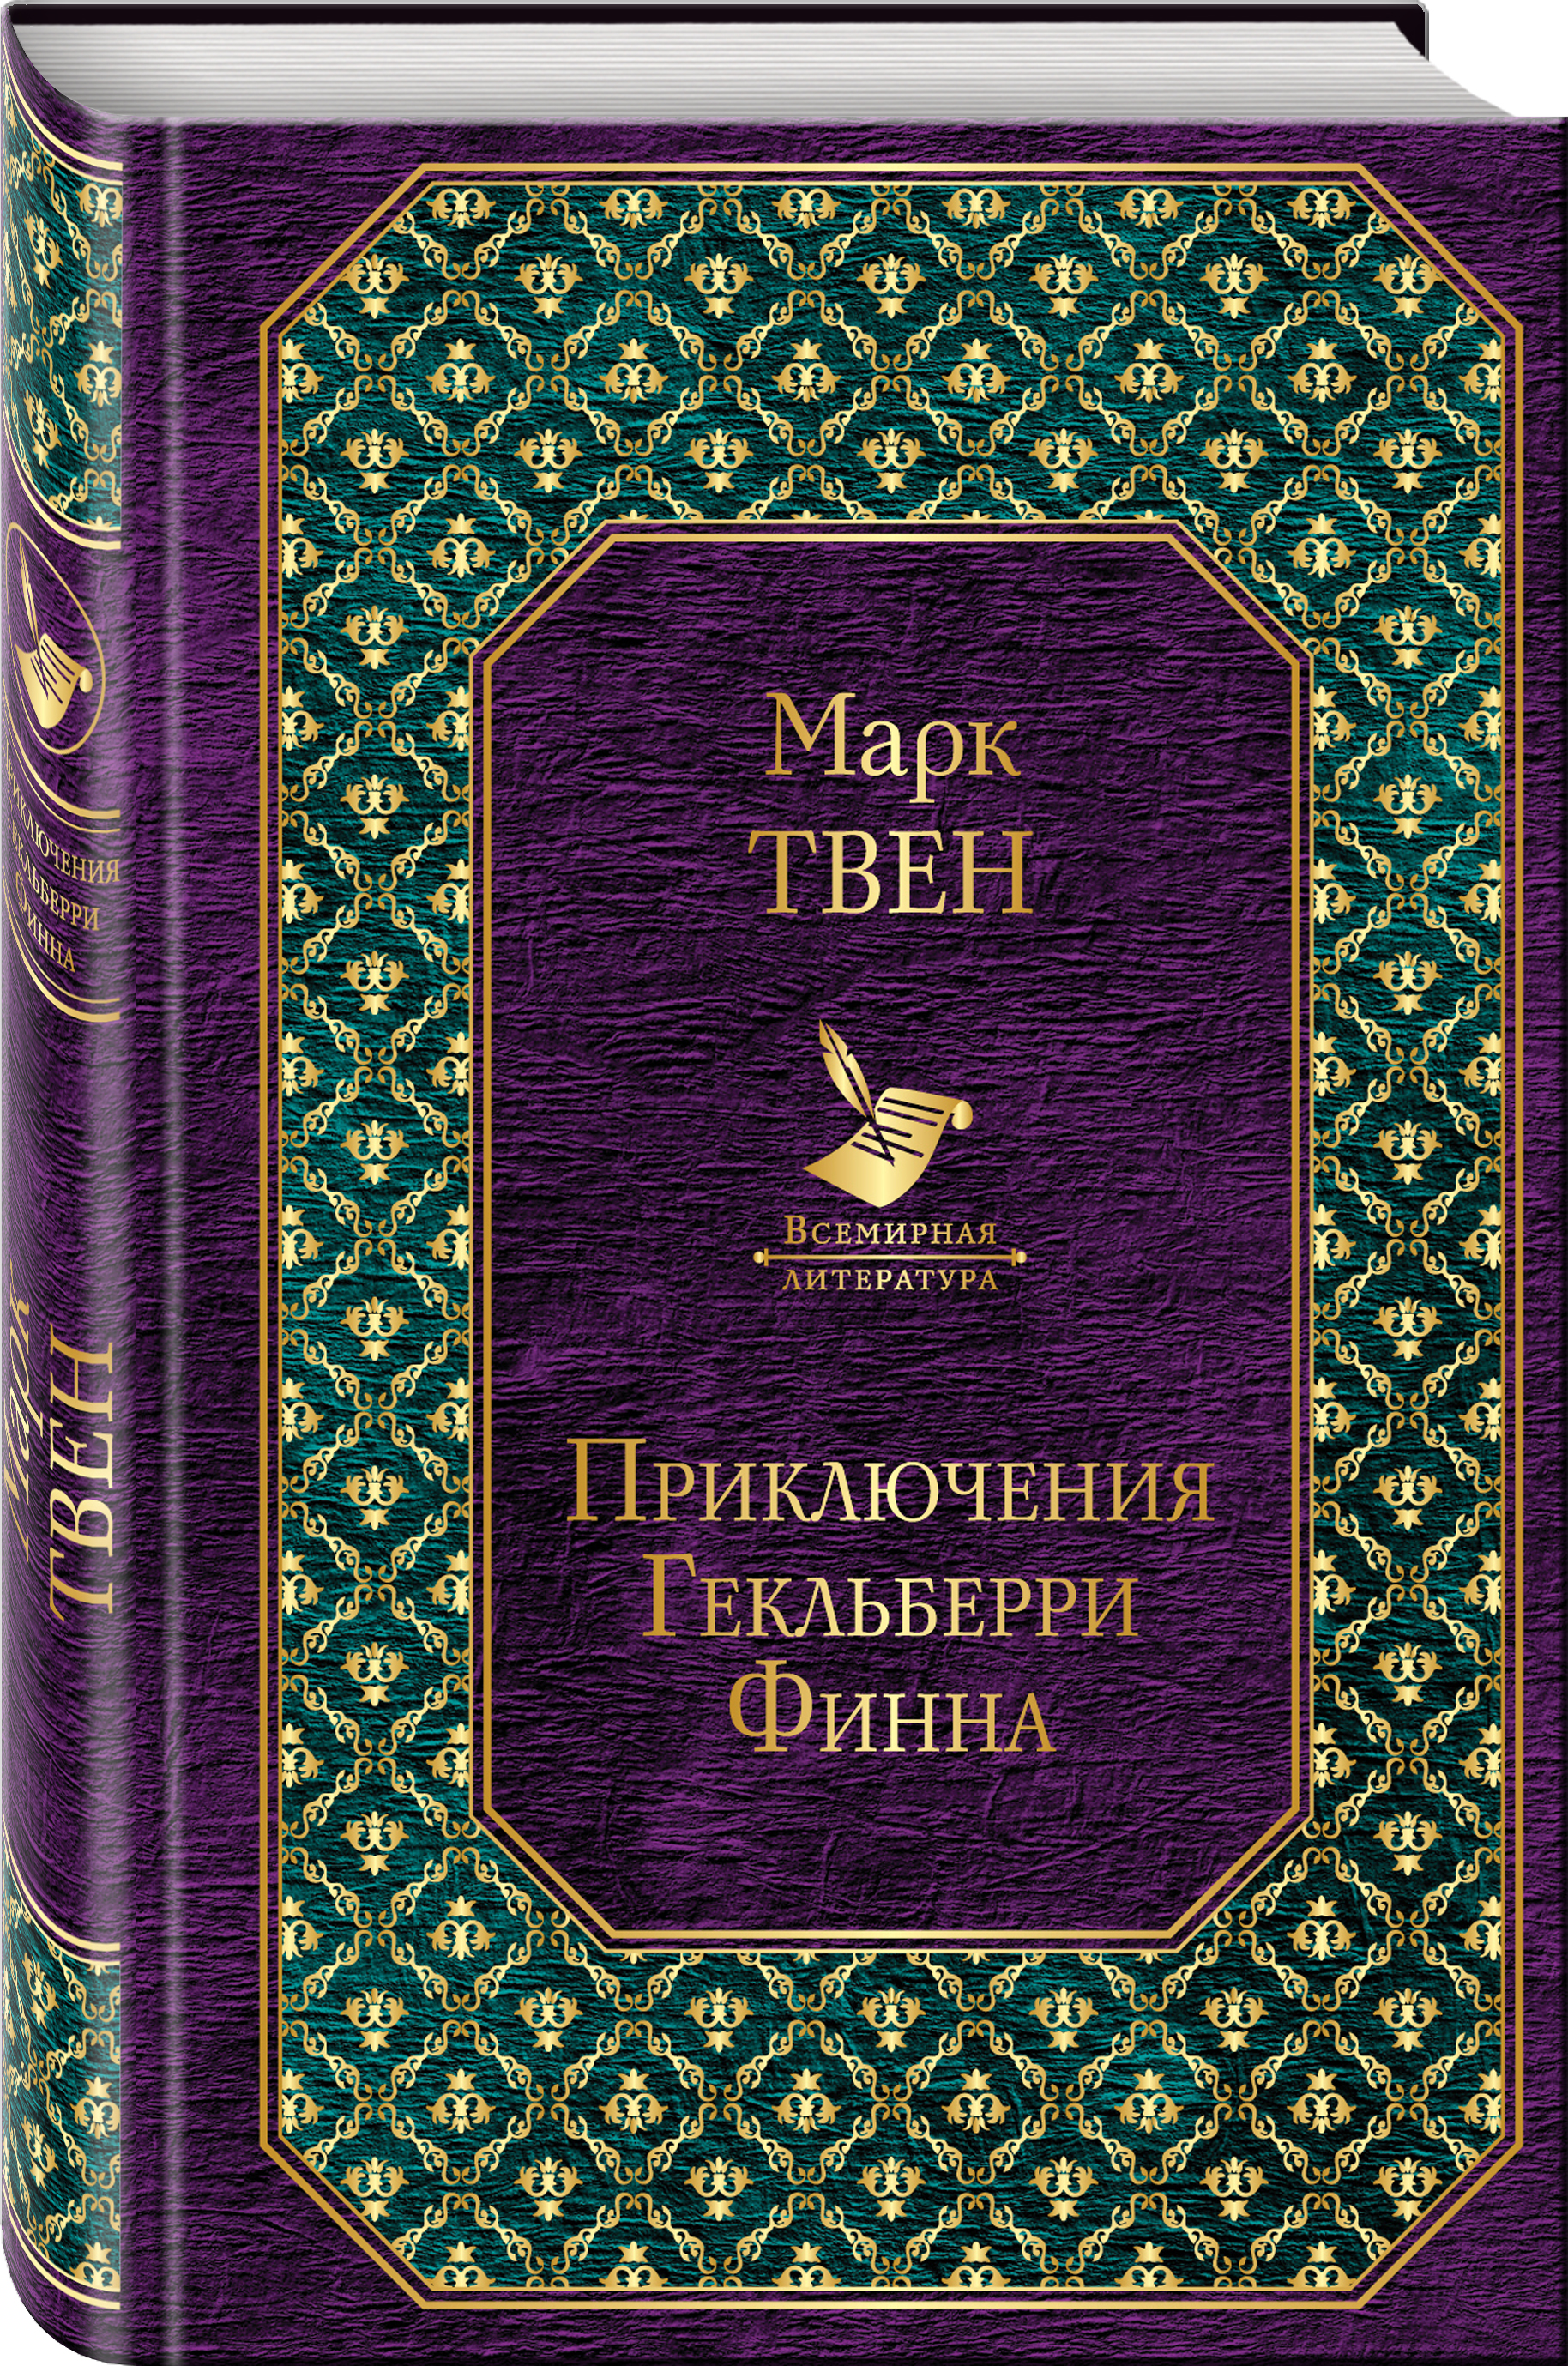 Марк Твен Приключения Гекльберри Финна цены онлайн